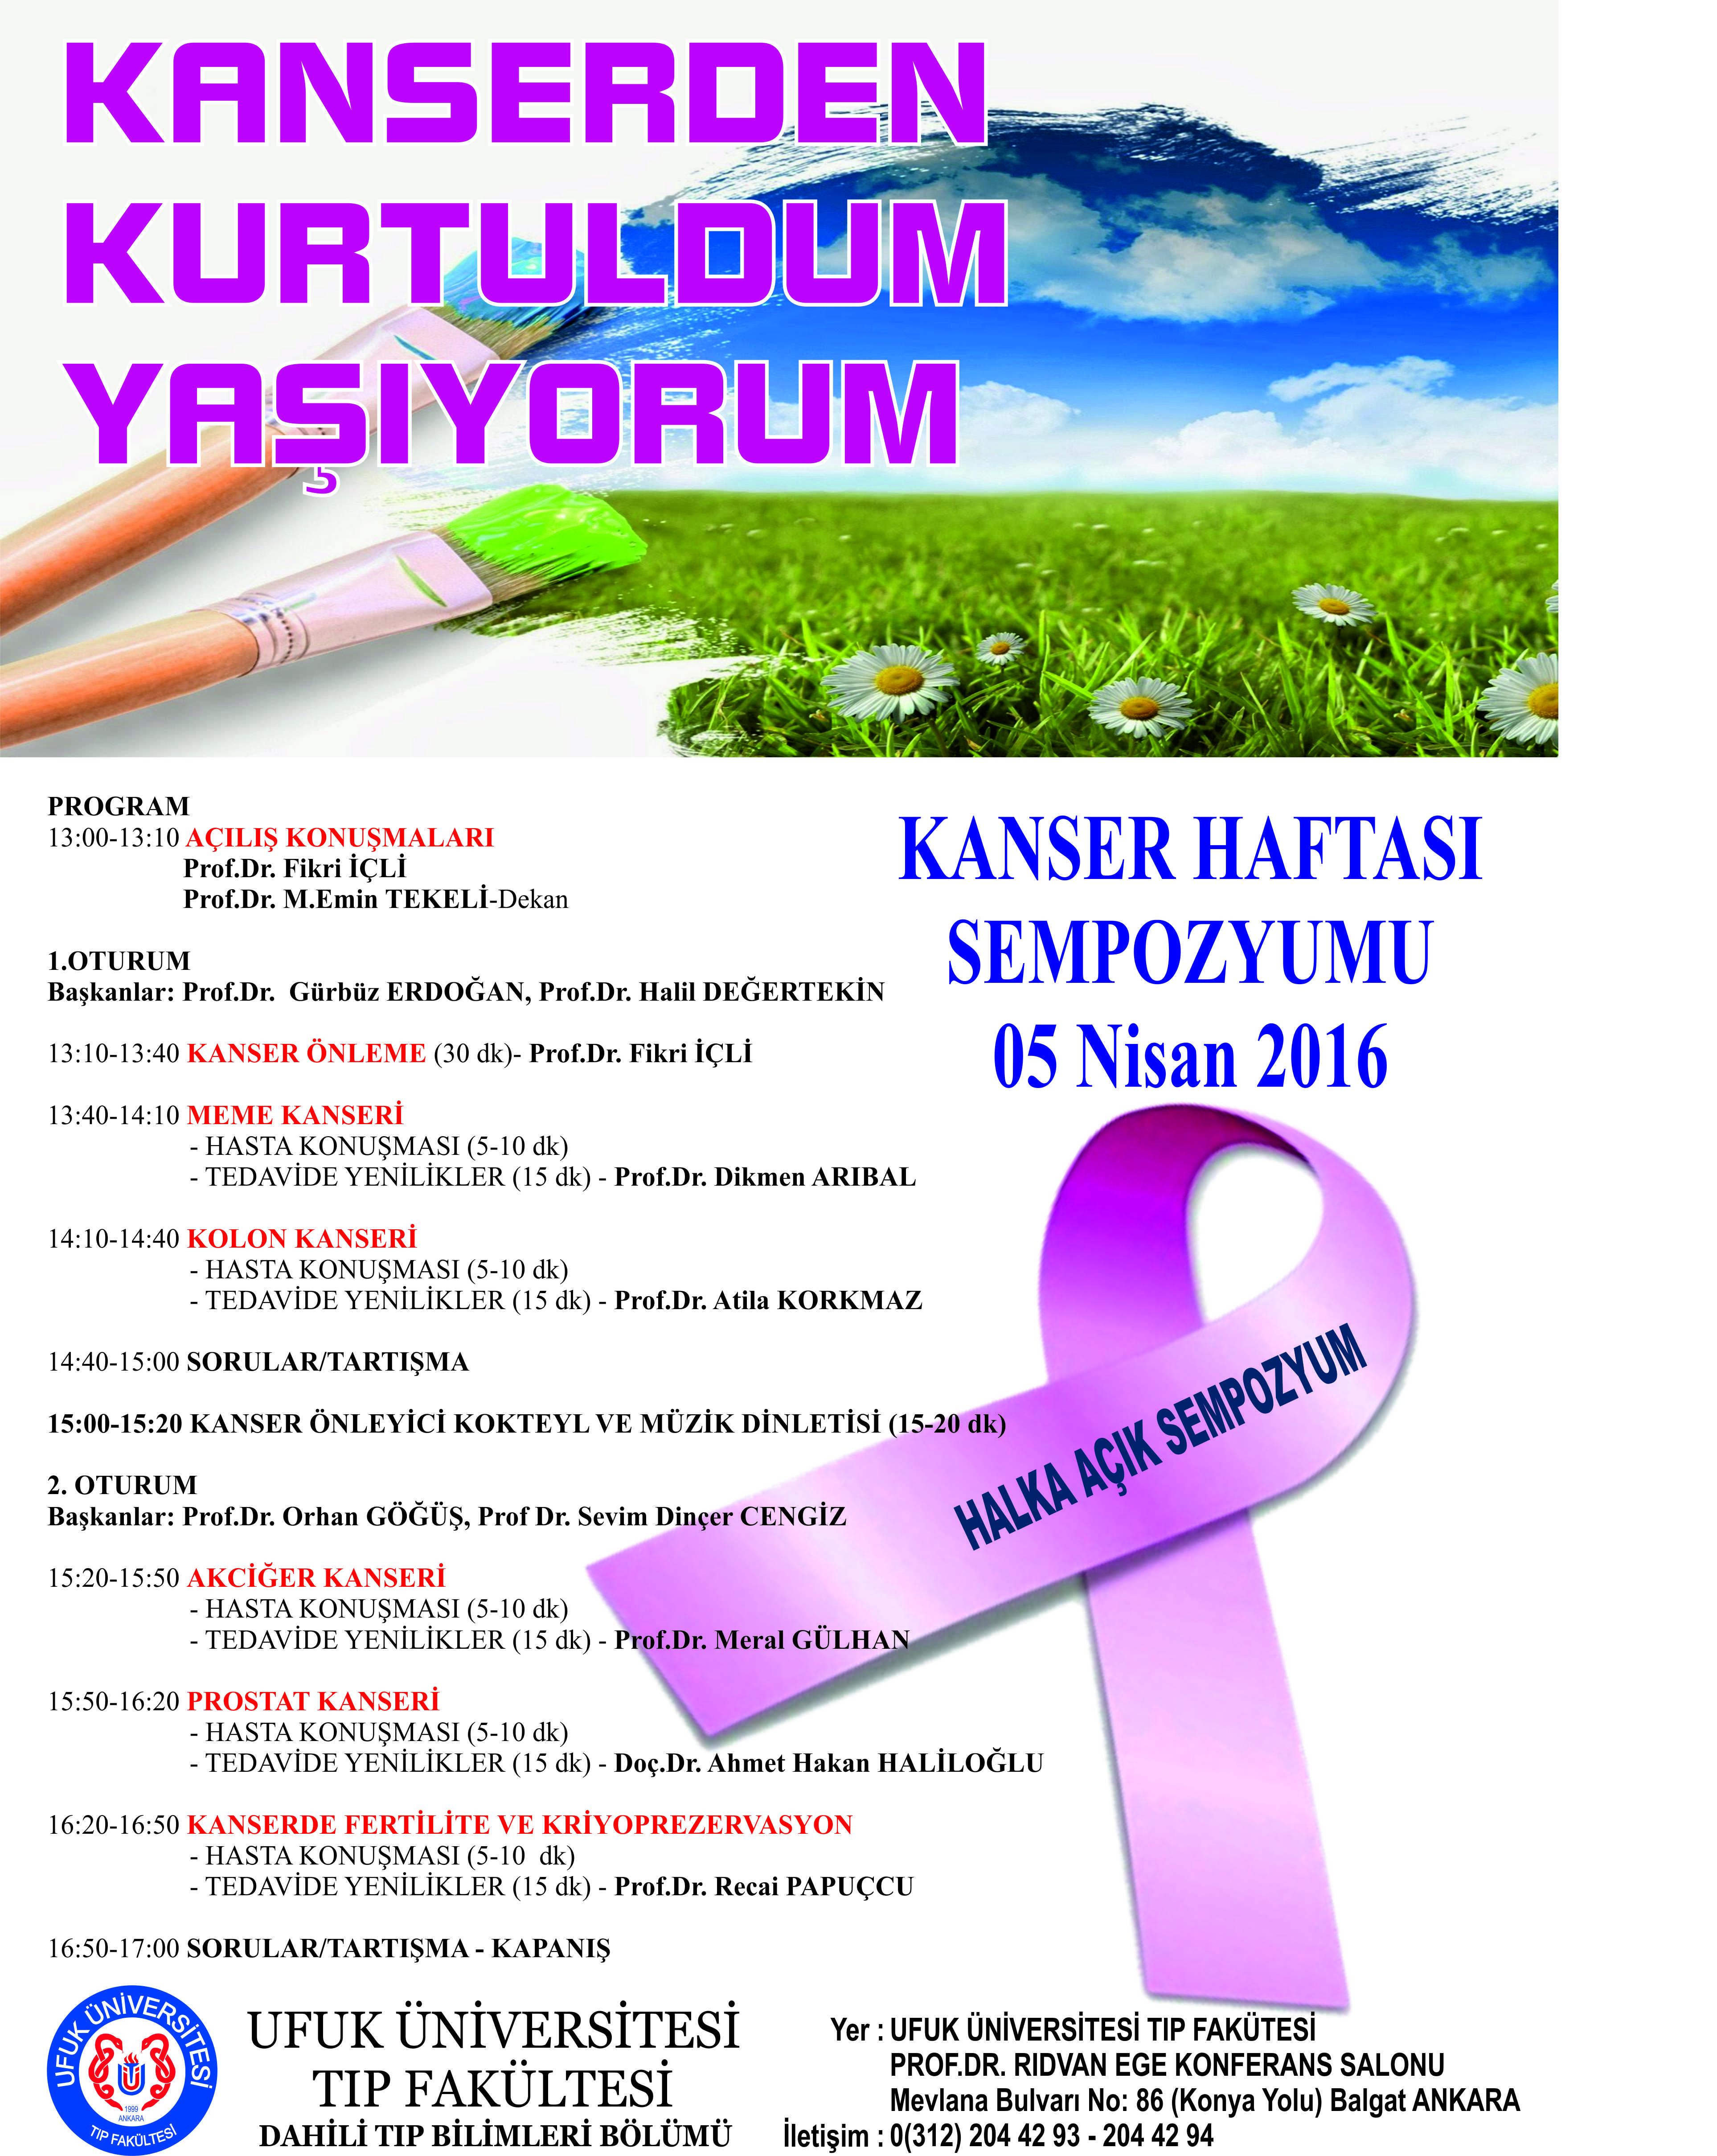 Ufuk Üniversitesi Kanser Sempozyumu